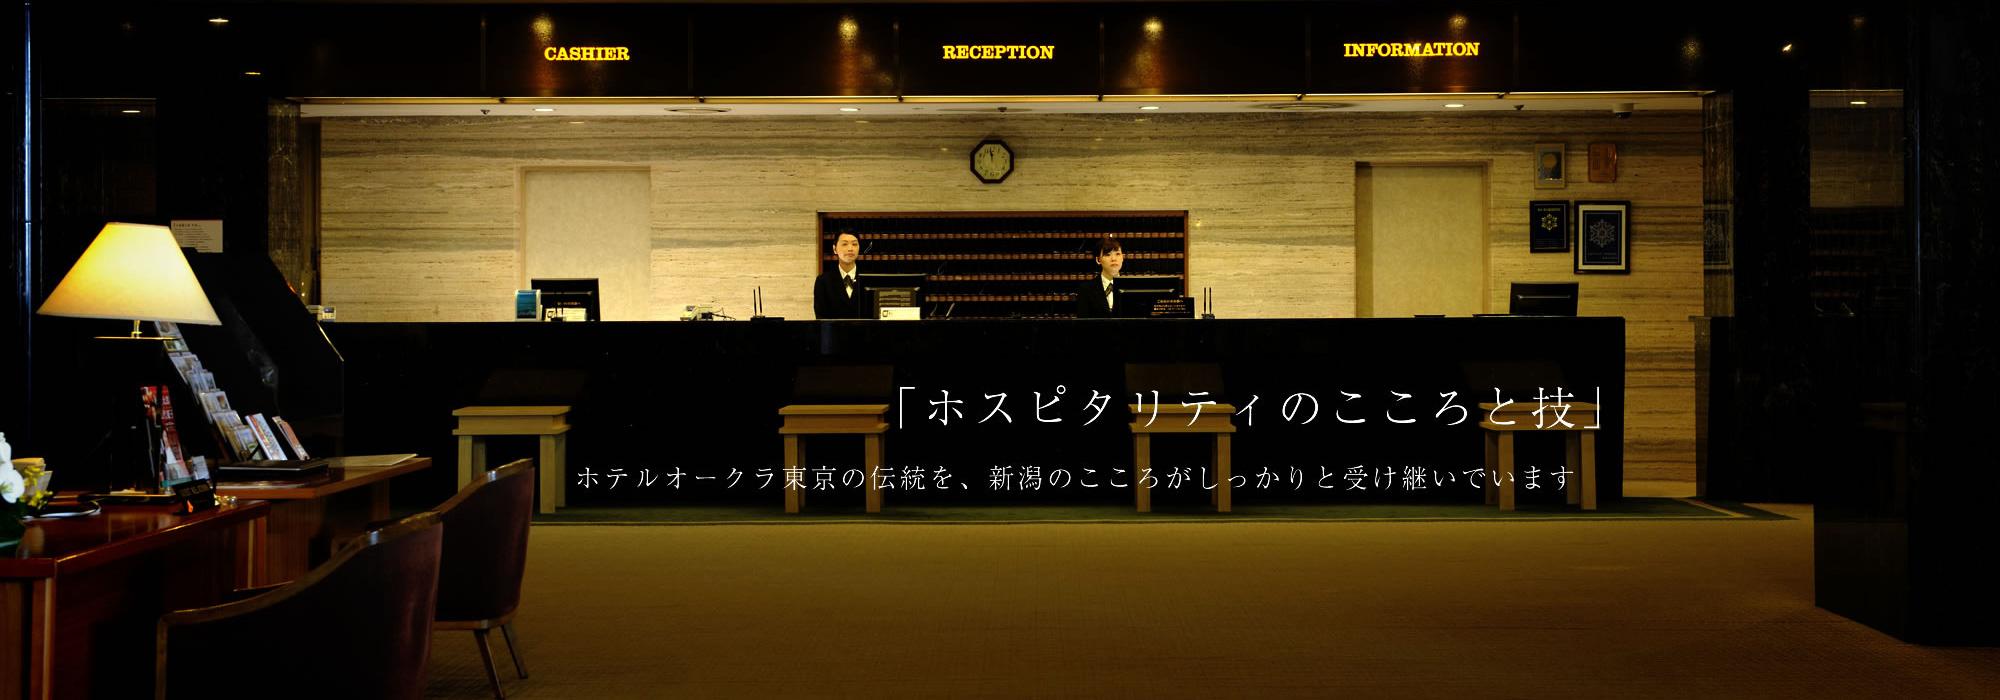 「ホスピタリティのこころと技」 ホテルオークラ東京の伝統を、新潟のこころがしっかりと受け継いでいます。